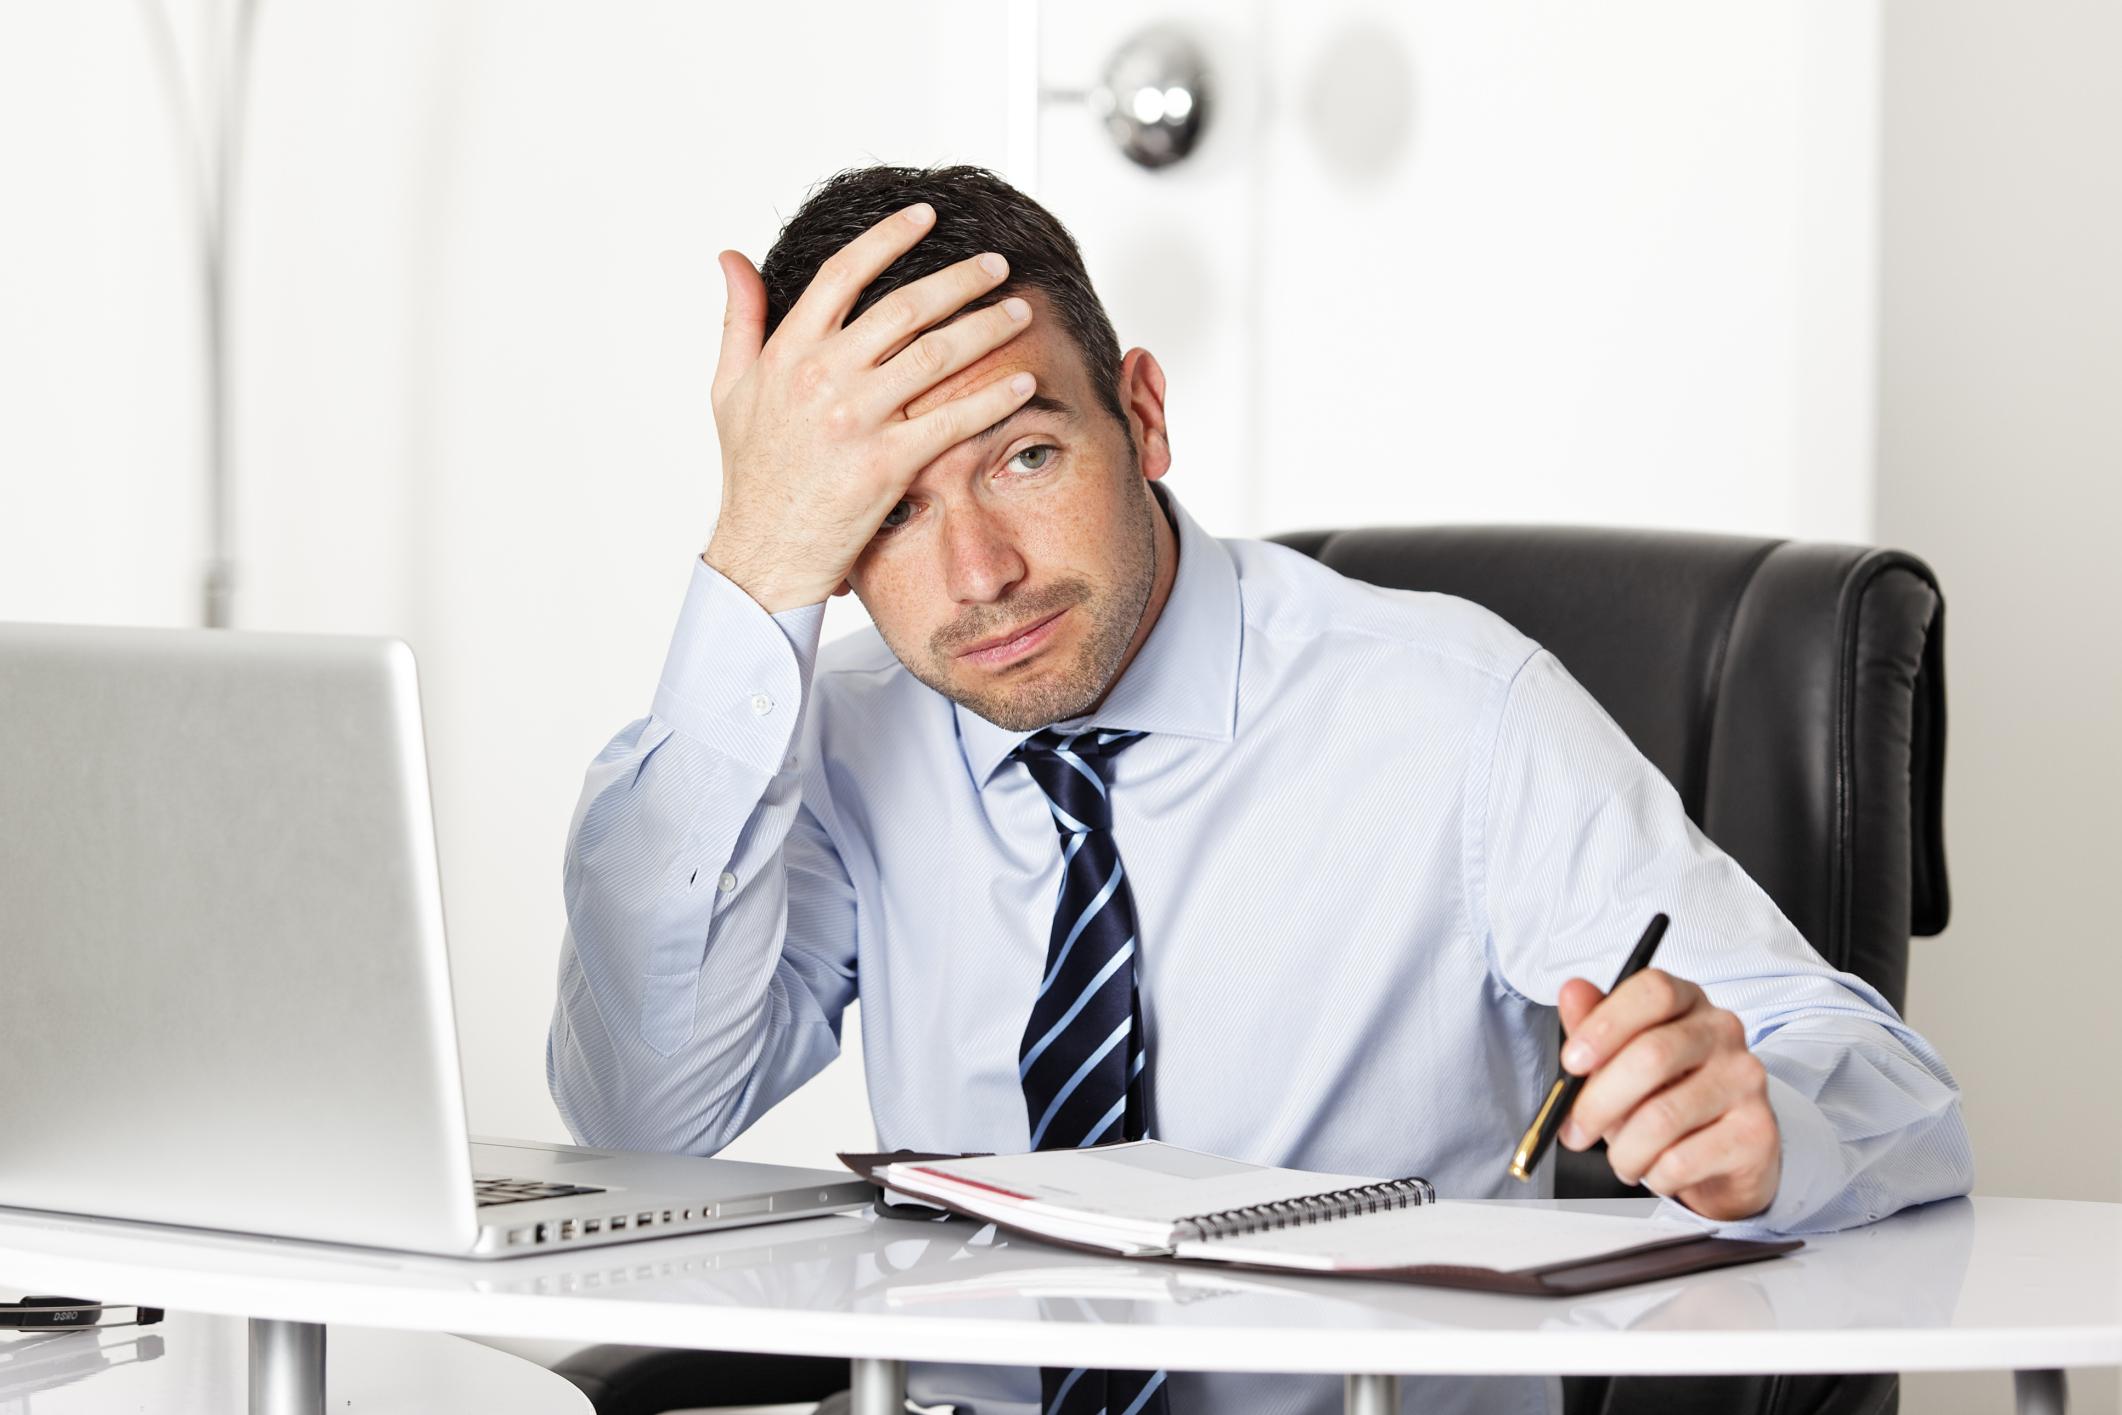 Смешные картинки мужчин на работе